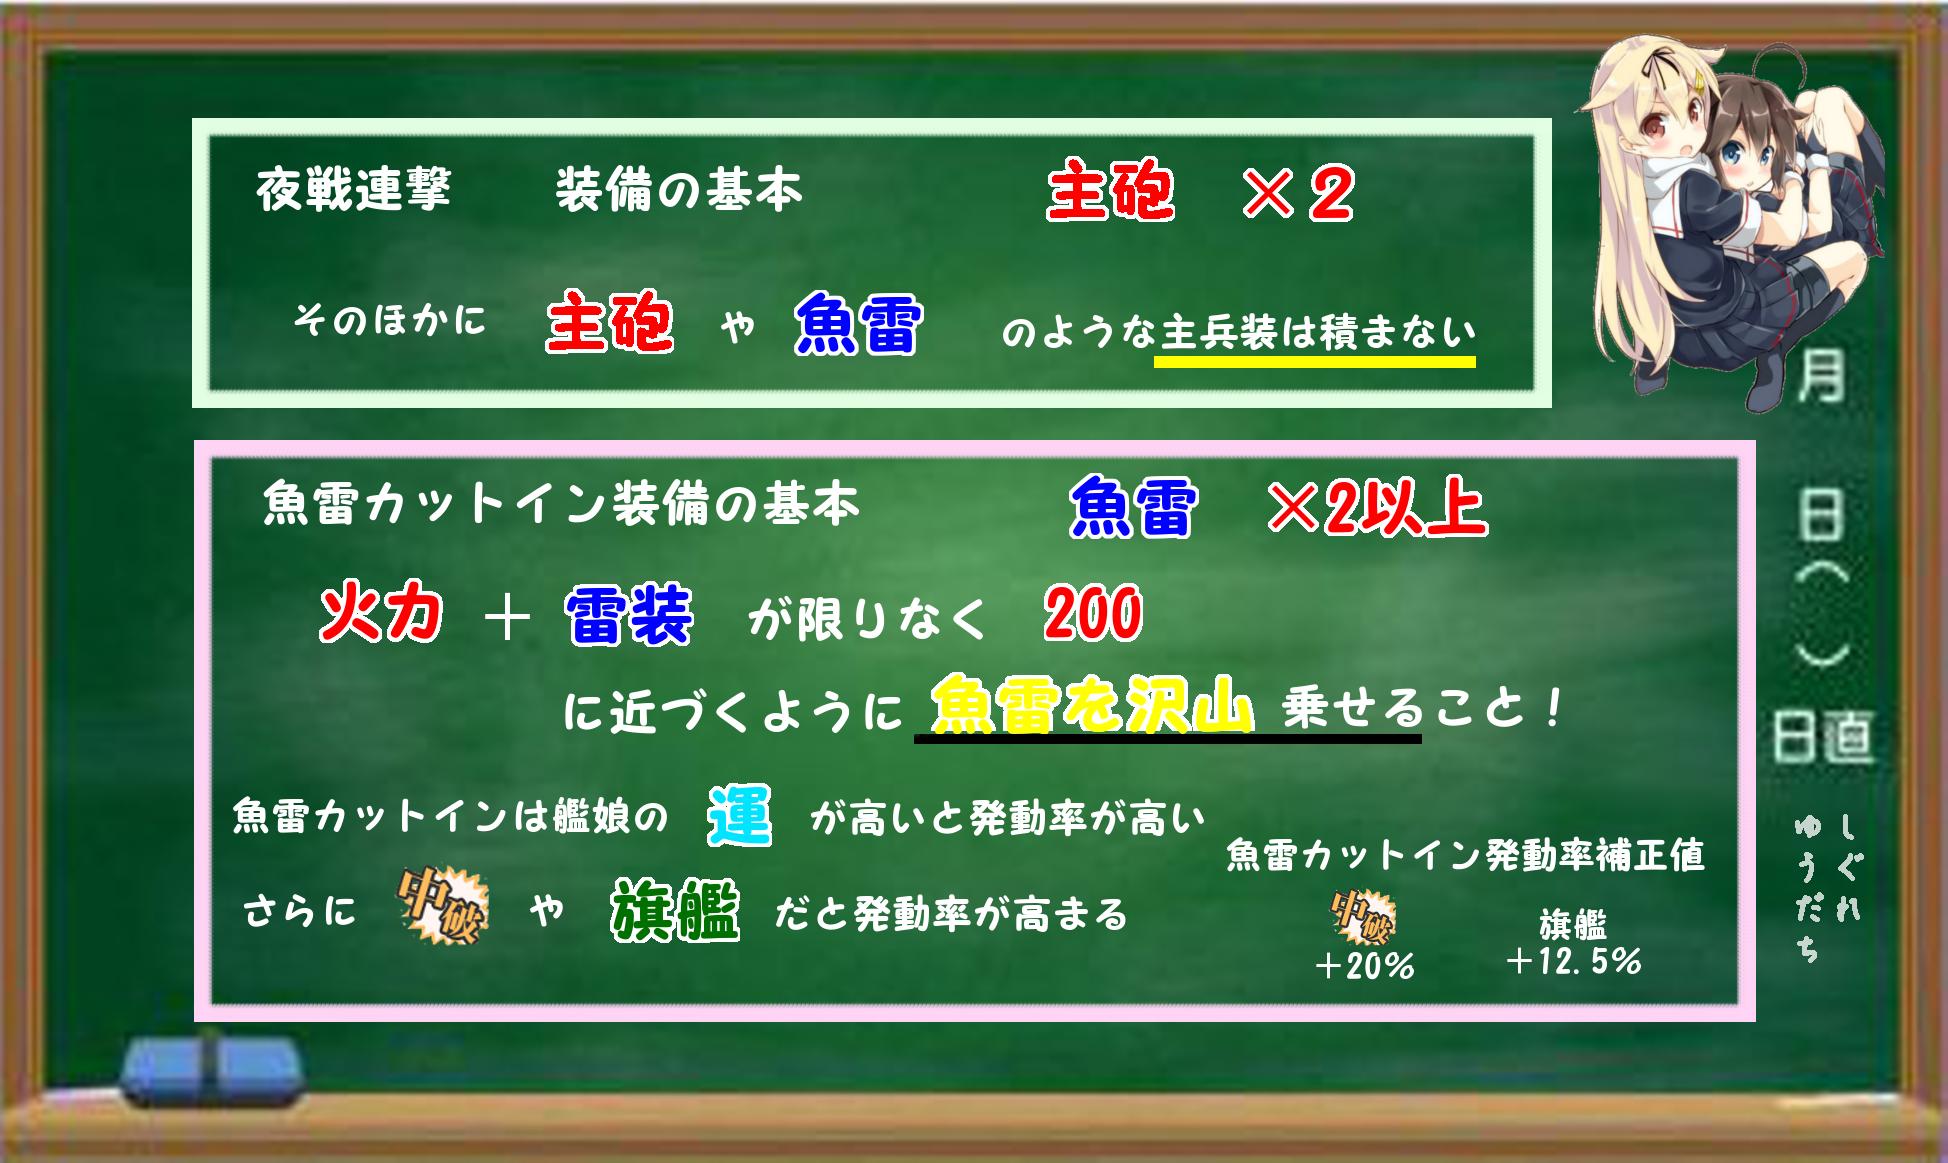 カット イン 魚雷 【艦これ】潜水艦の夜戦・魚雷カットイン 装備例(2021年3月)